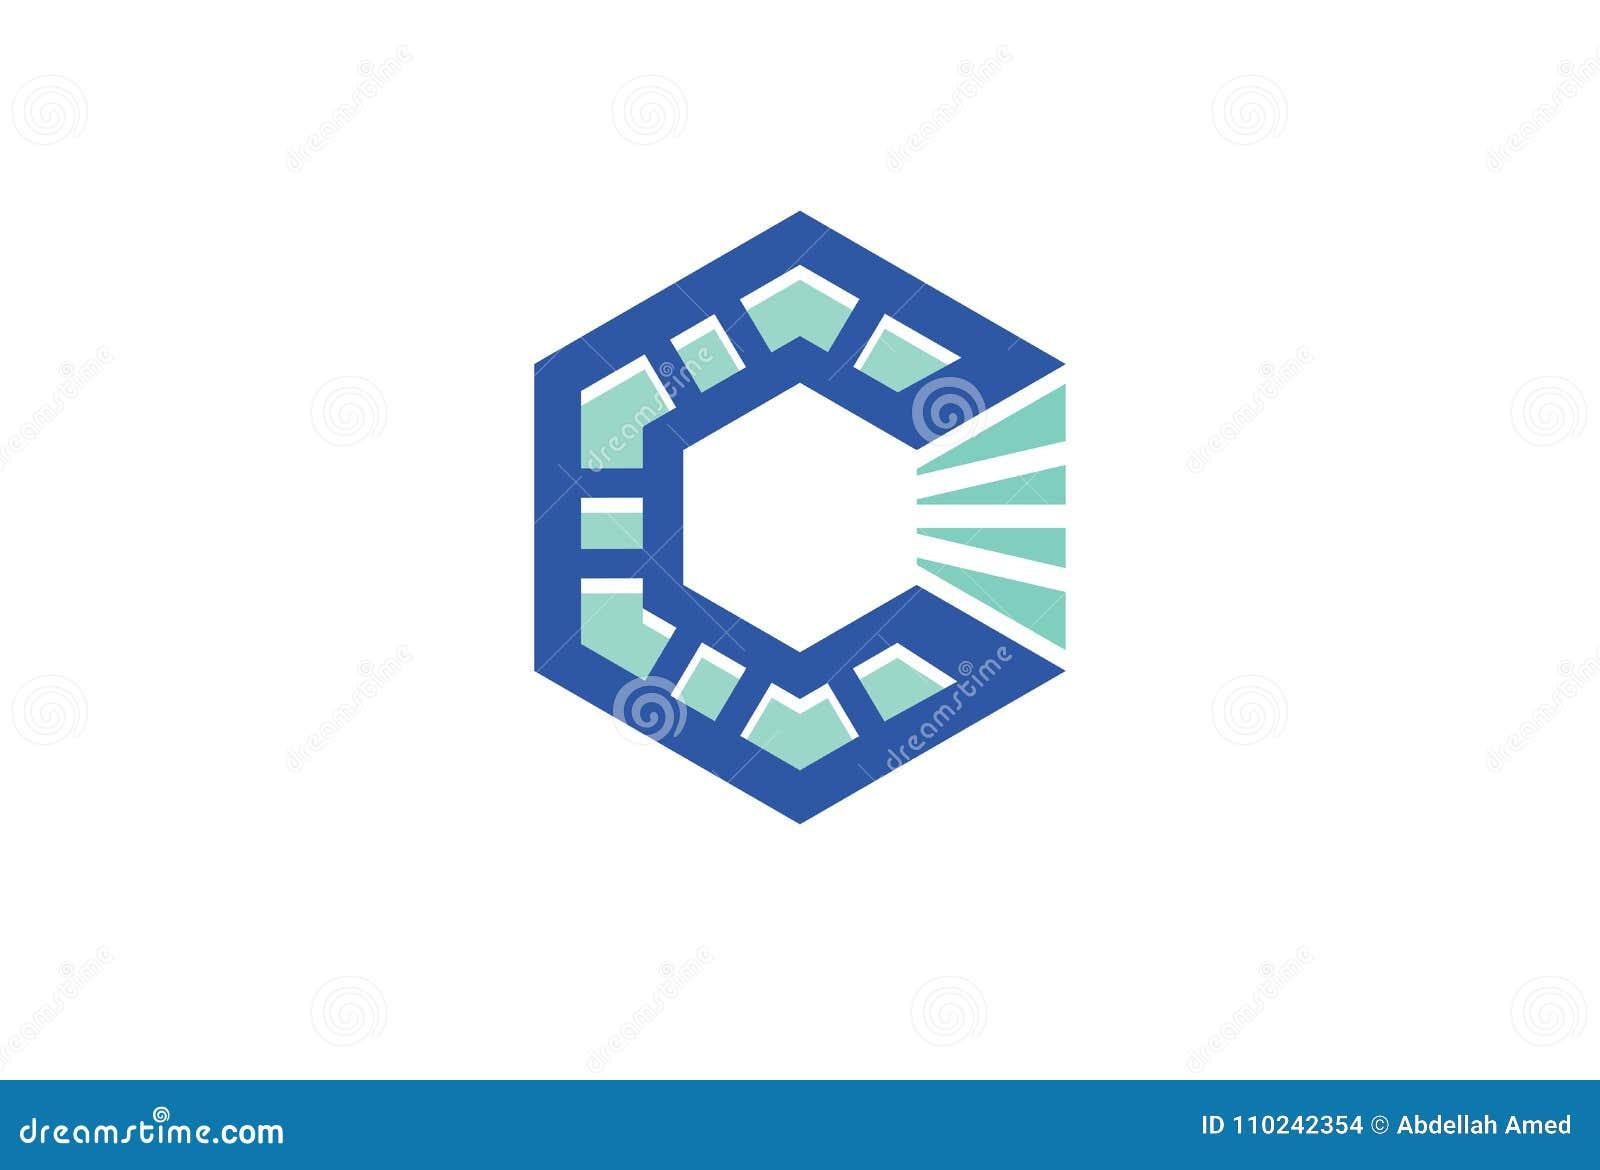 Creative Hexagonal C Letter Logo Stock Vector Illustration